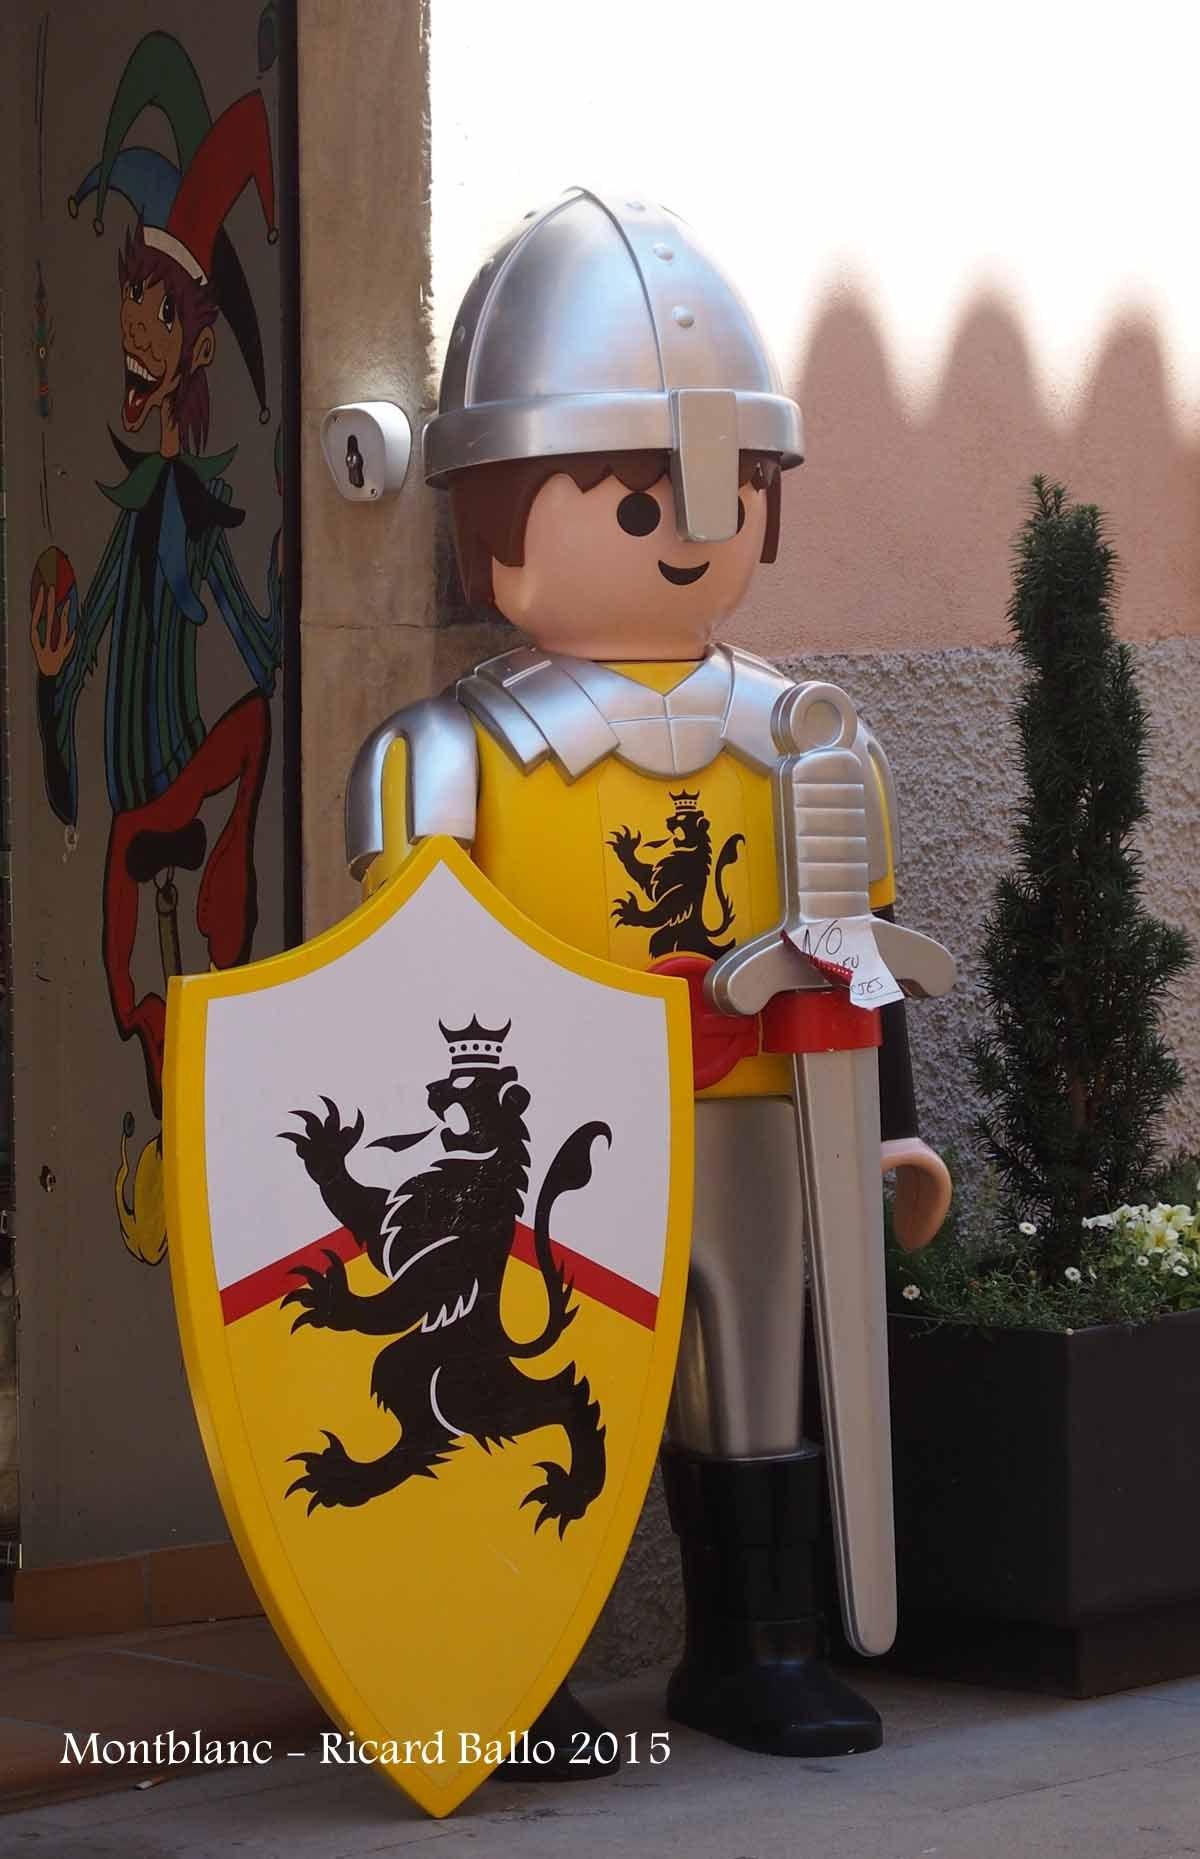 Església de Sant Francesc – Montblanc - Un personatge de Lego, situat al davant de l'aparador d'una botiga, amb motiu de celebrar-se el festival de Lego de Montblanc.